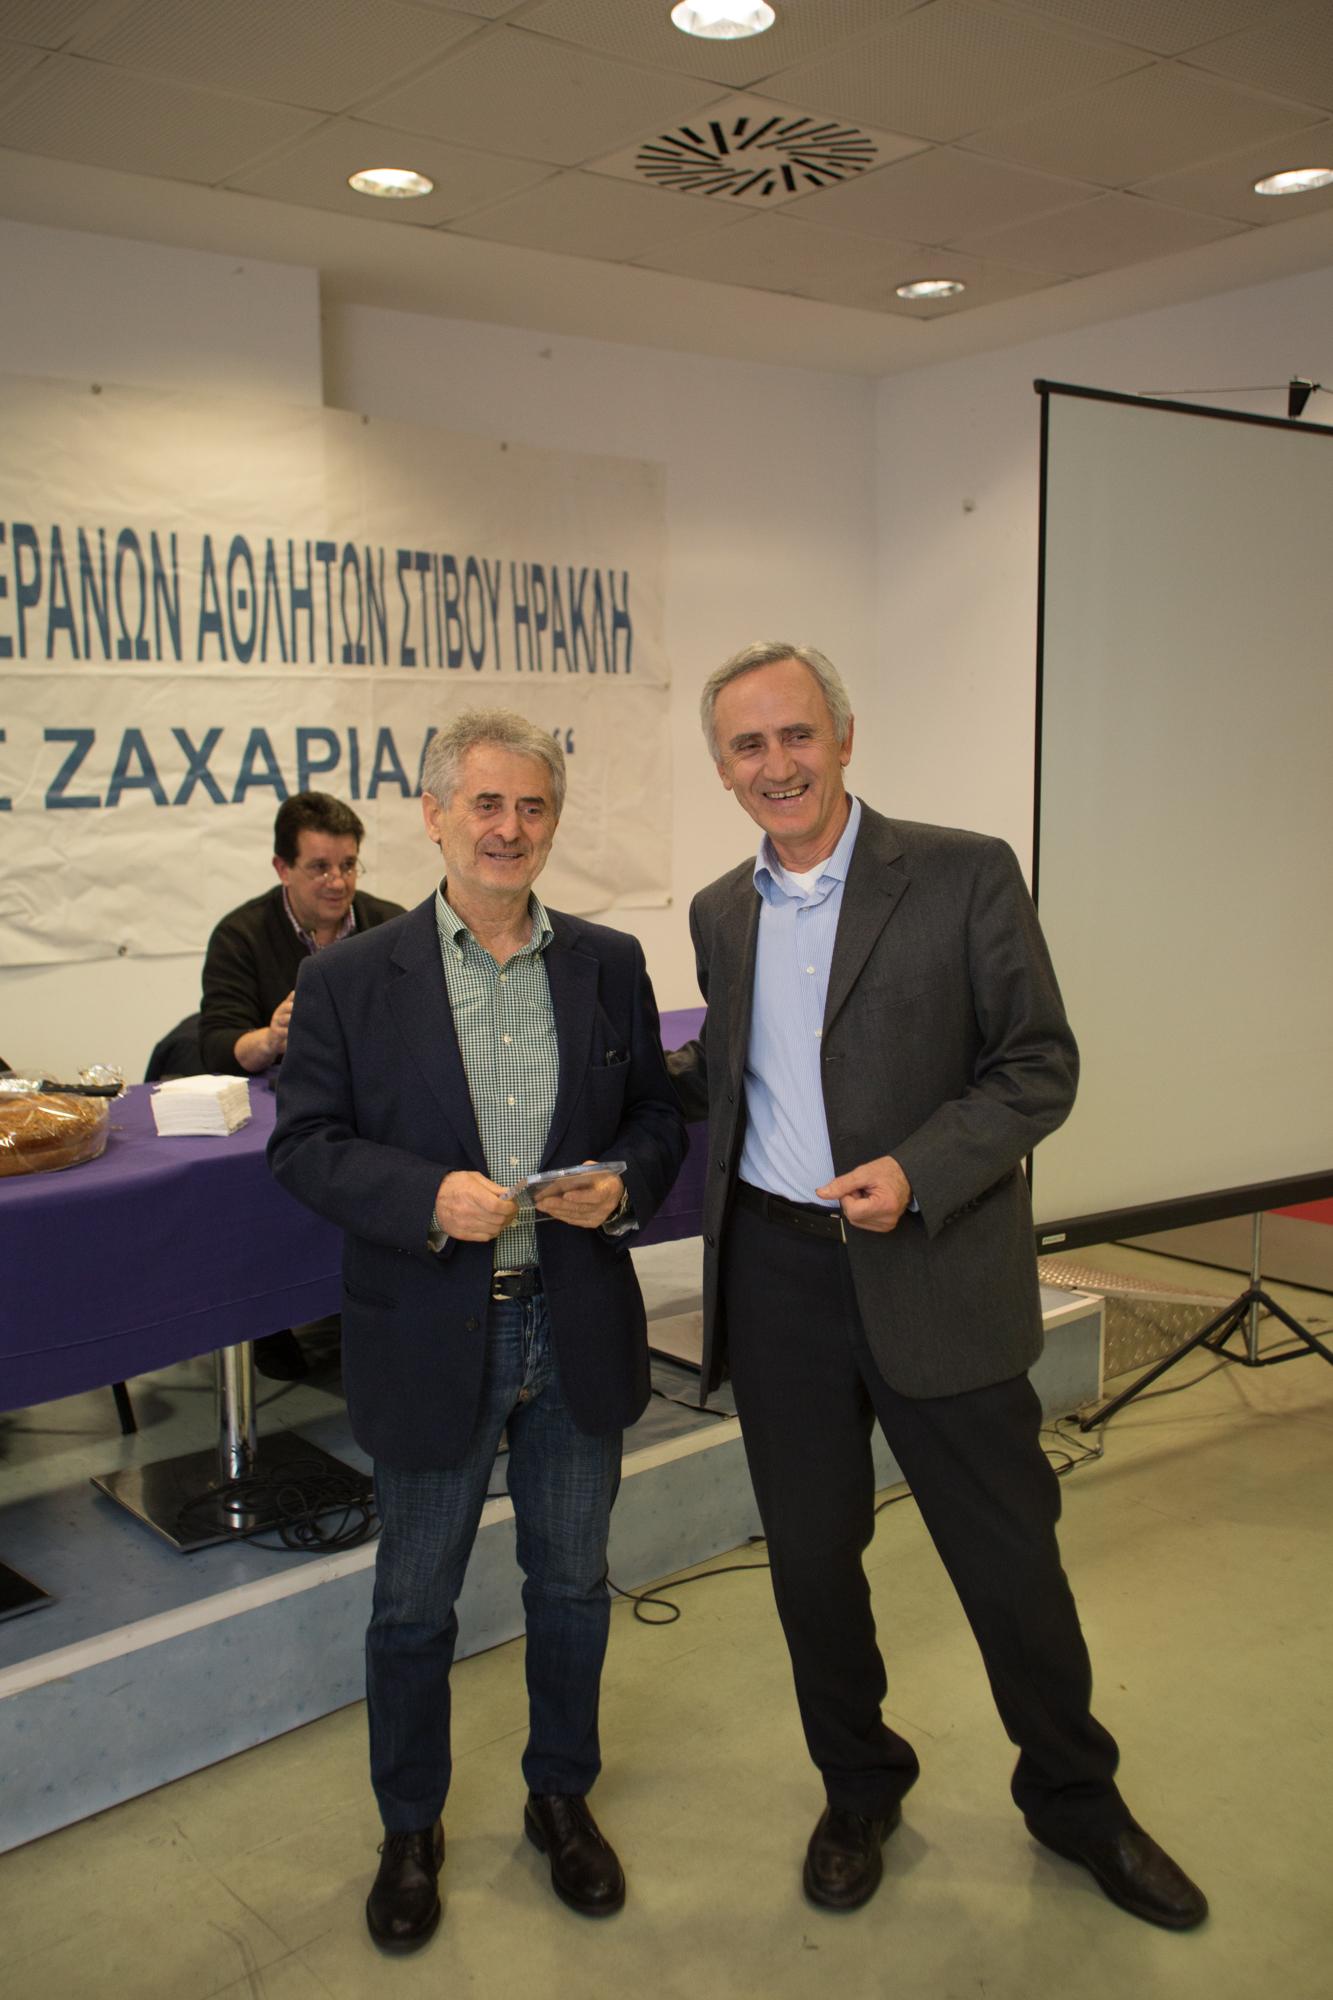 Παπαδόπουλος Ευριπ.(για Γεωργιάδη Κωστα) βραβείο από Πλ.Σαρασλανίδη